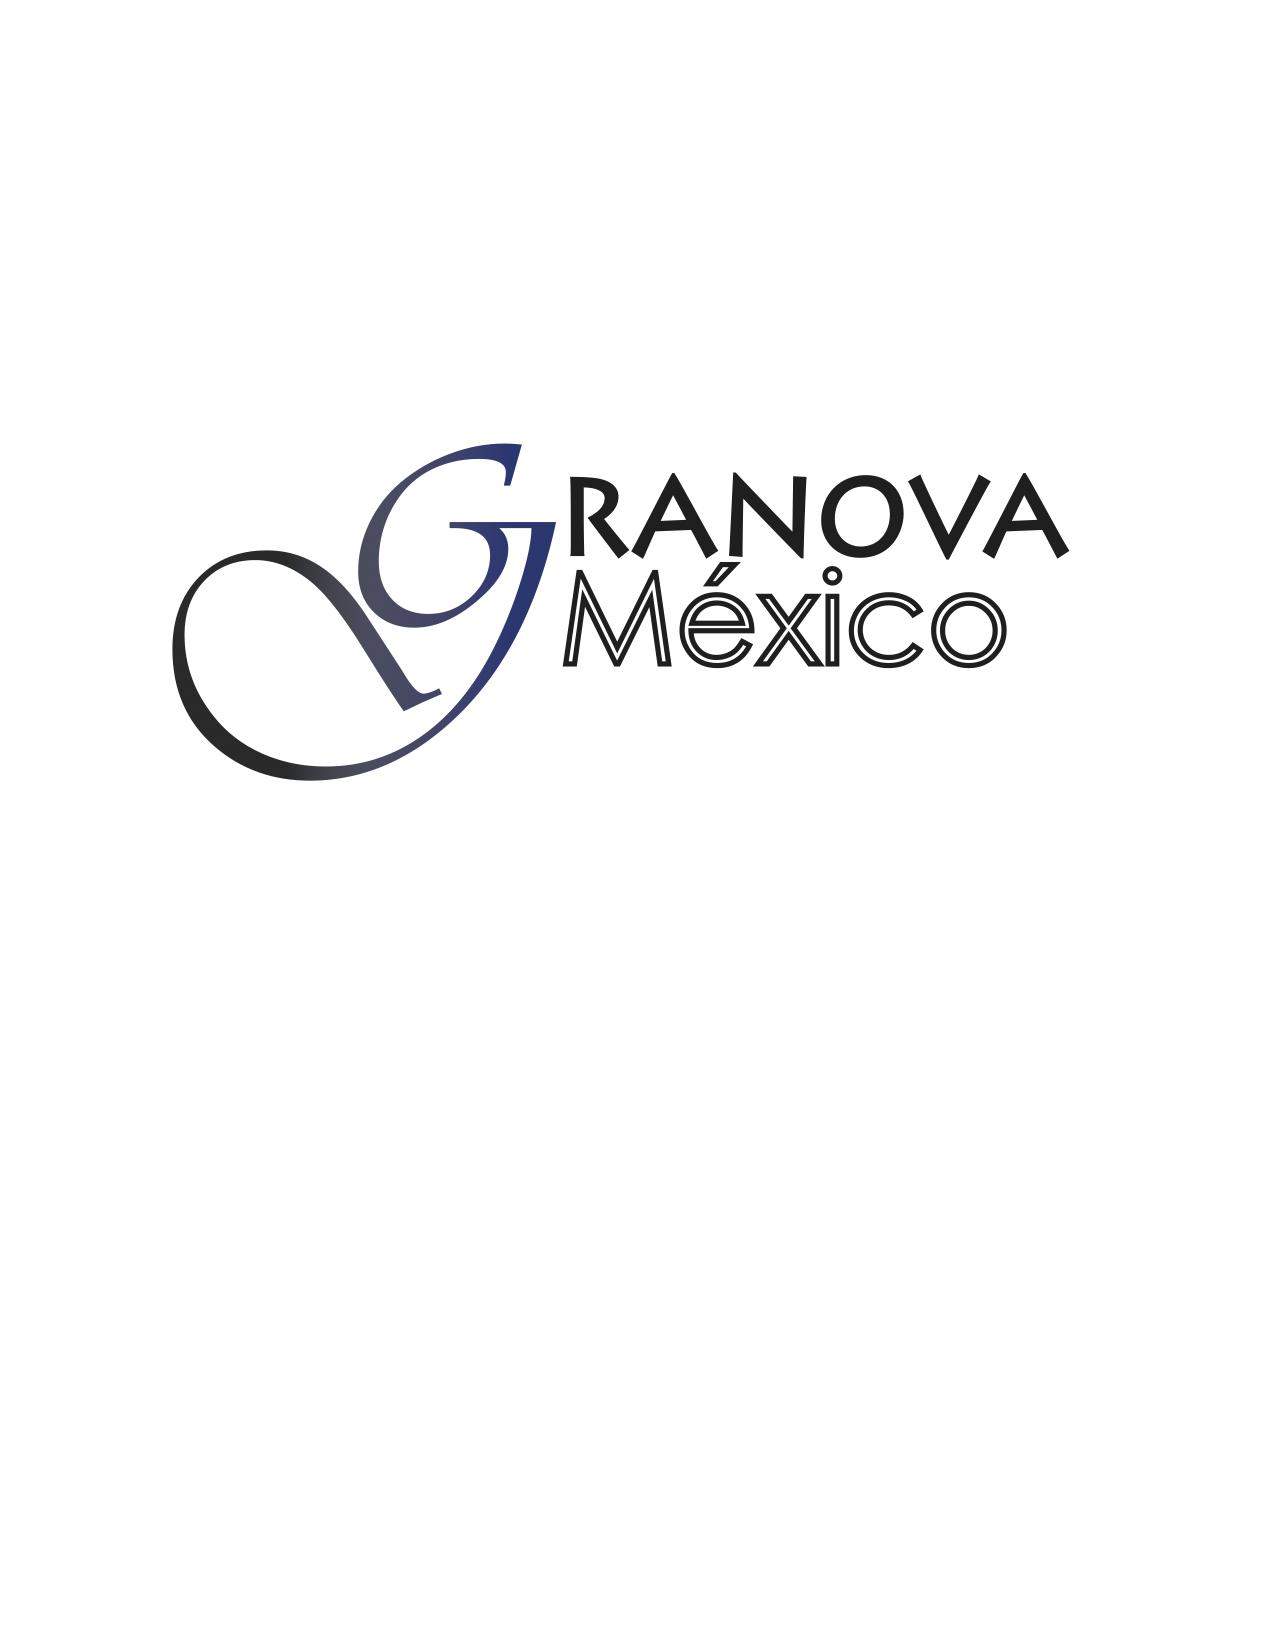 Granova México